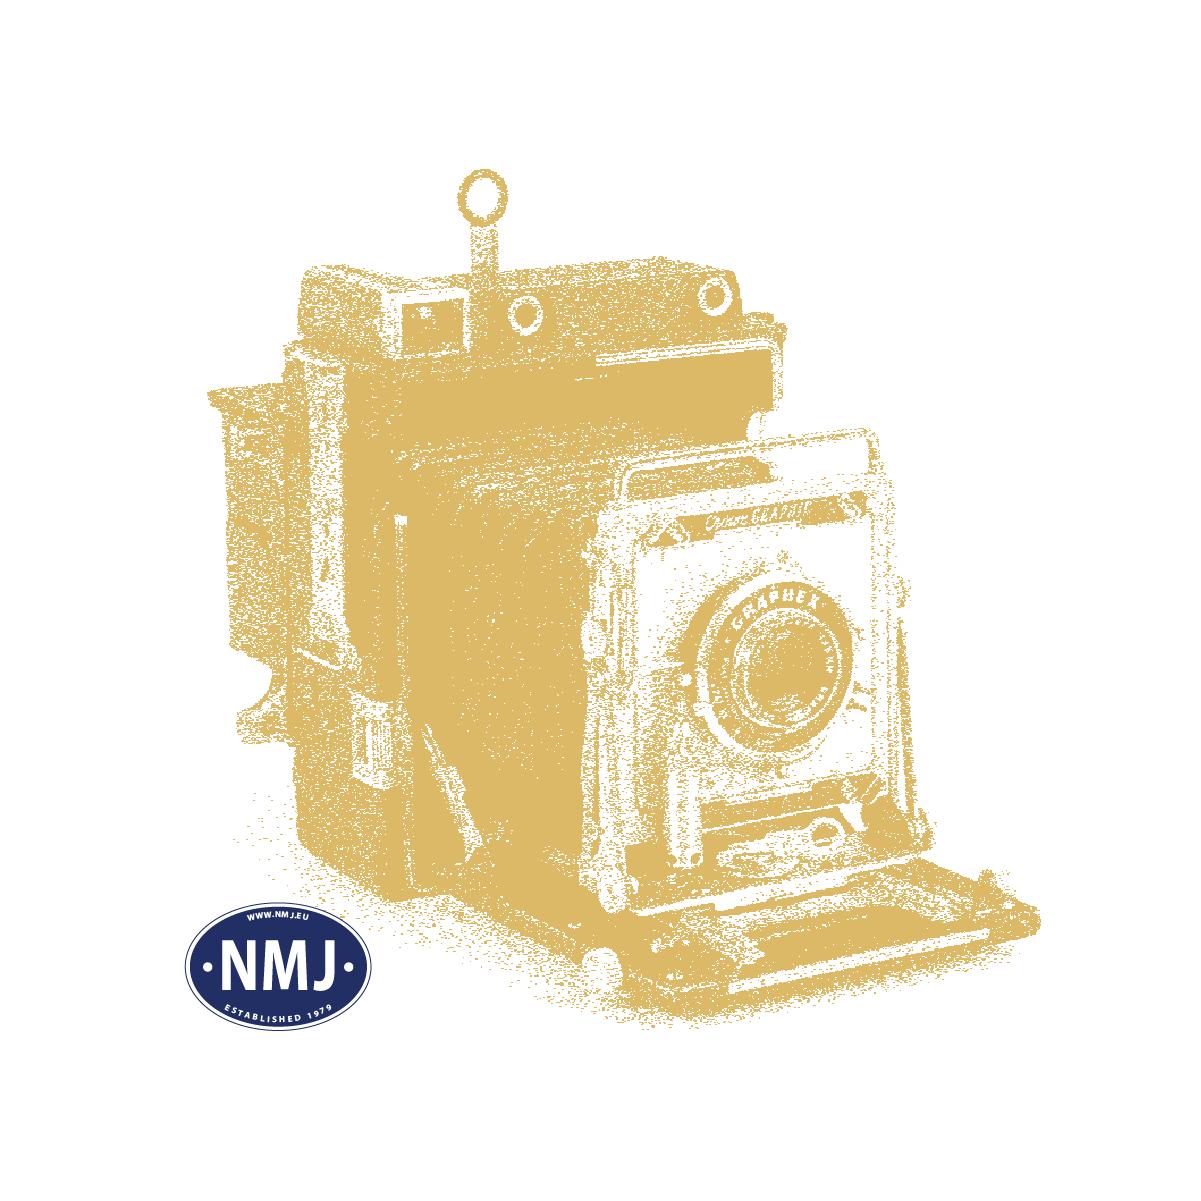 NMJT95302 - NMJ Topline CFL 1603 (1956-1971), AC w/ Sound